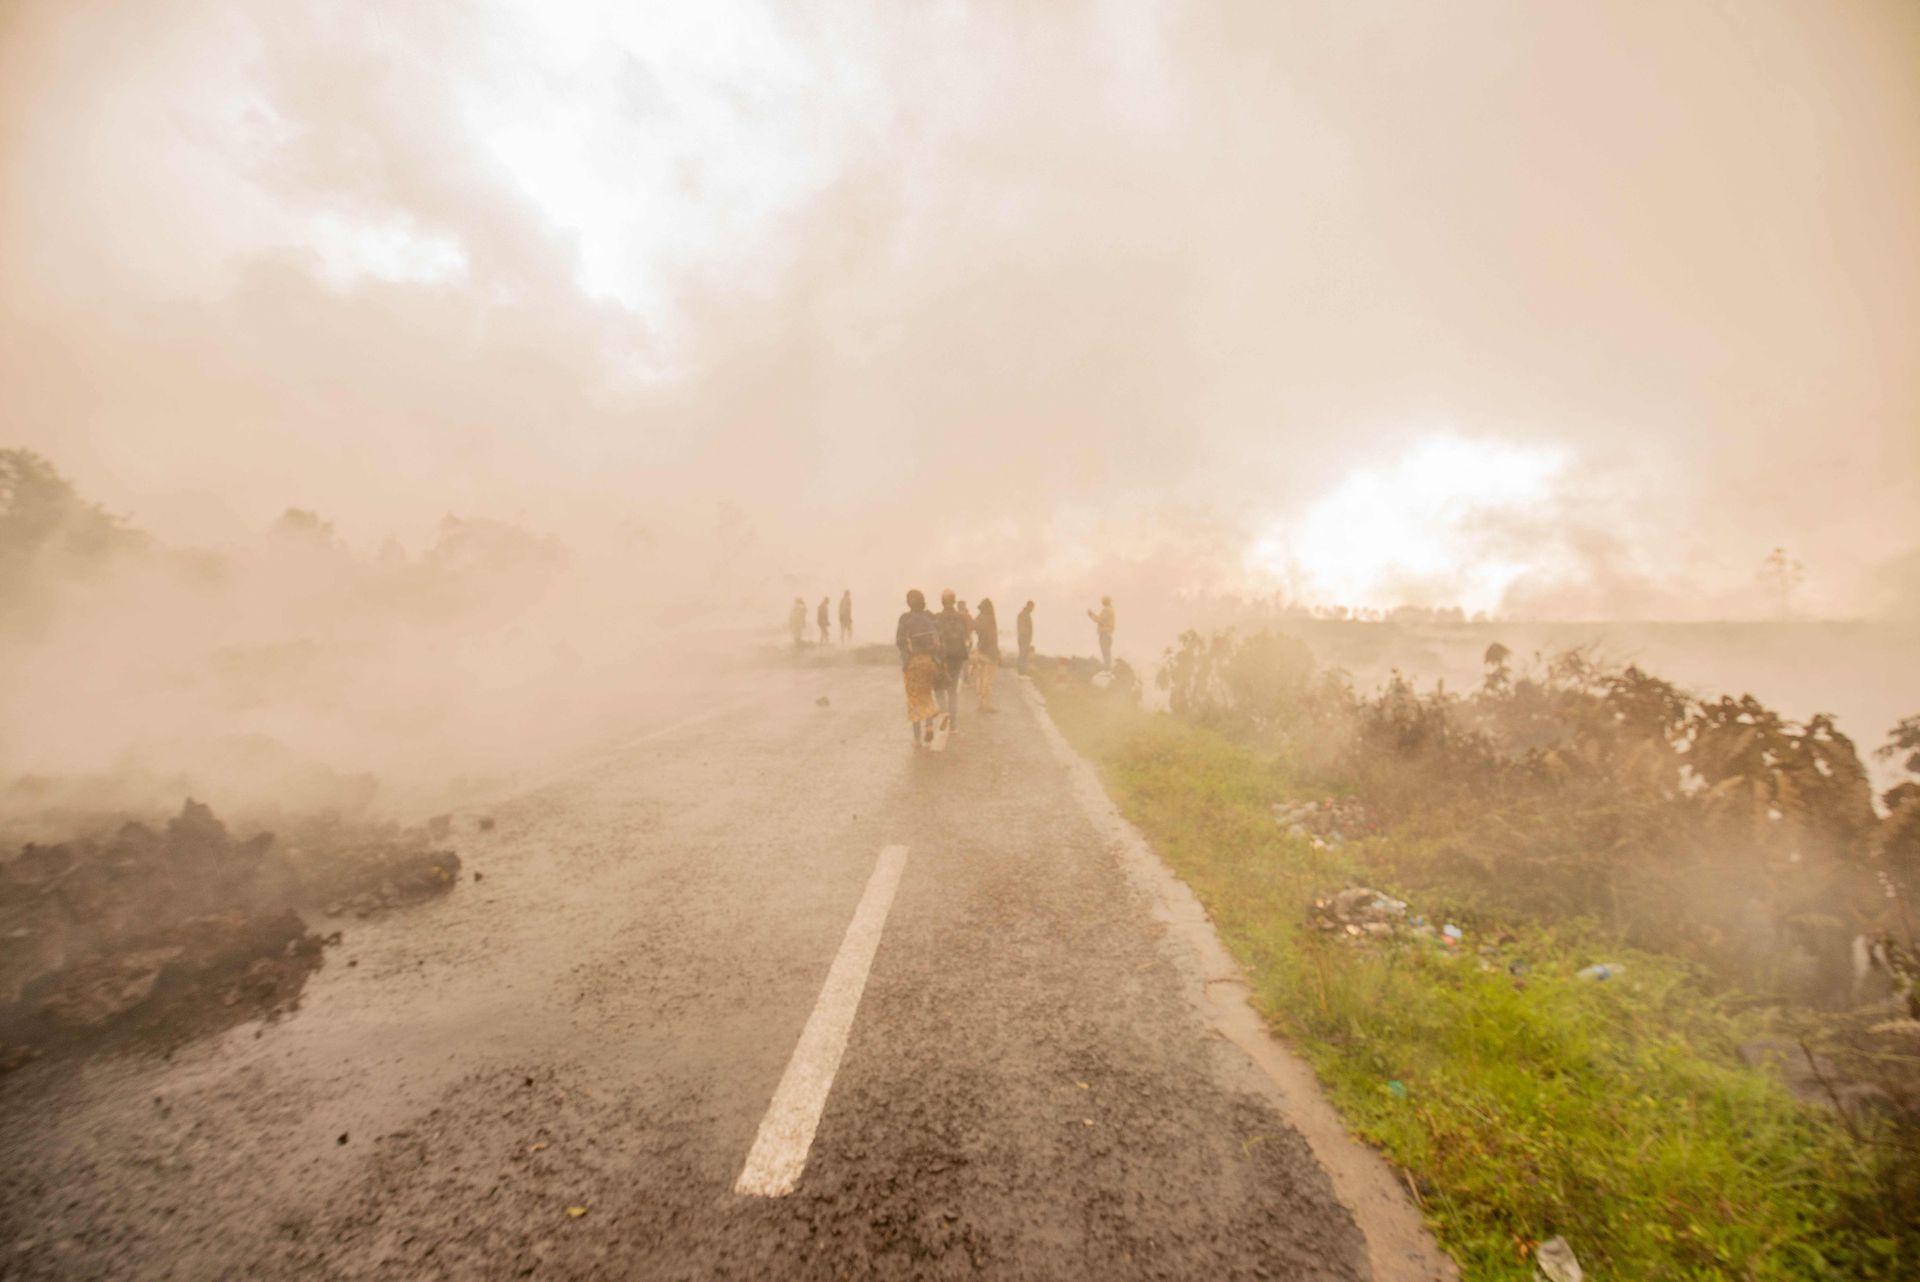 El 22 de mayo, sin previo aviso, el volcán Nyiragongo entró en erupción; no sonaron las sirenas, no hubo expulsiones de lava ni se percibieron temblores.